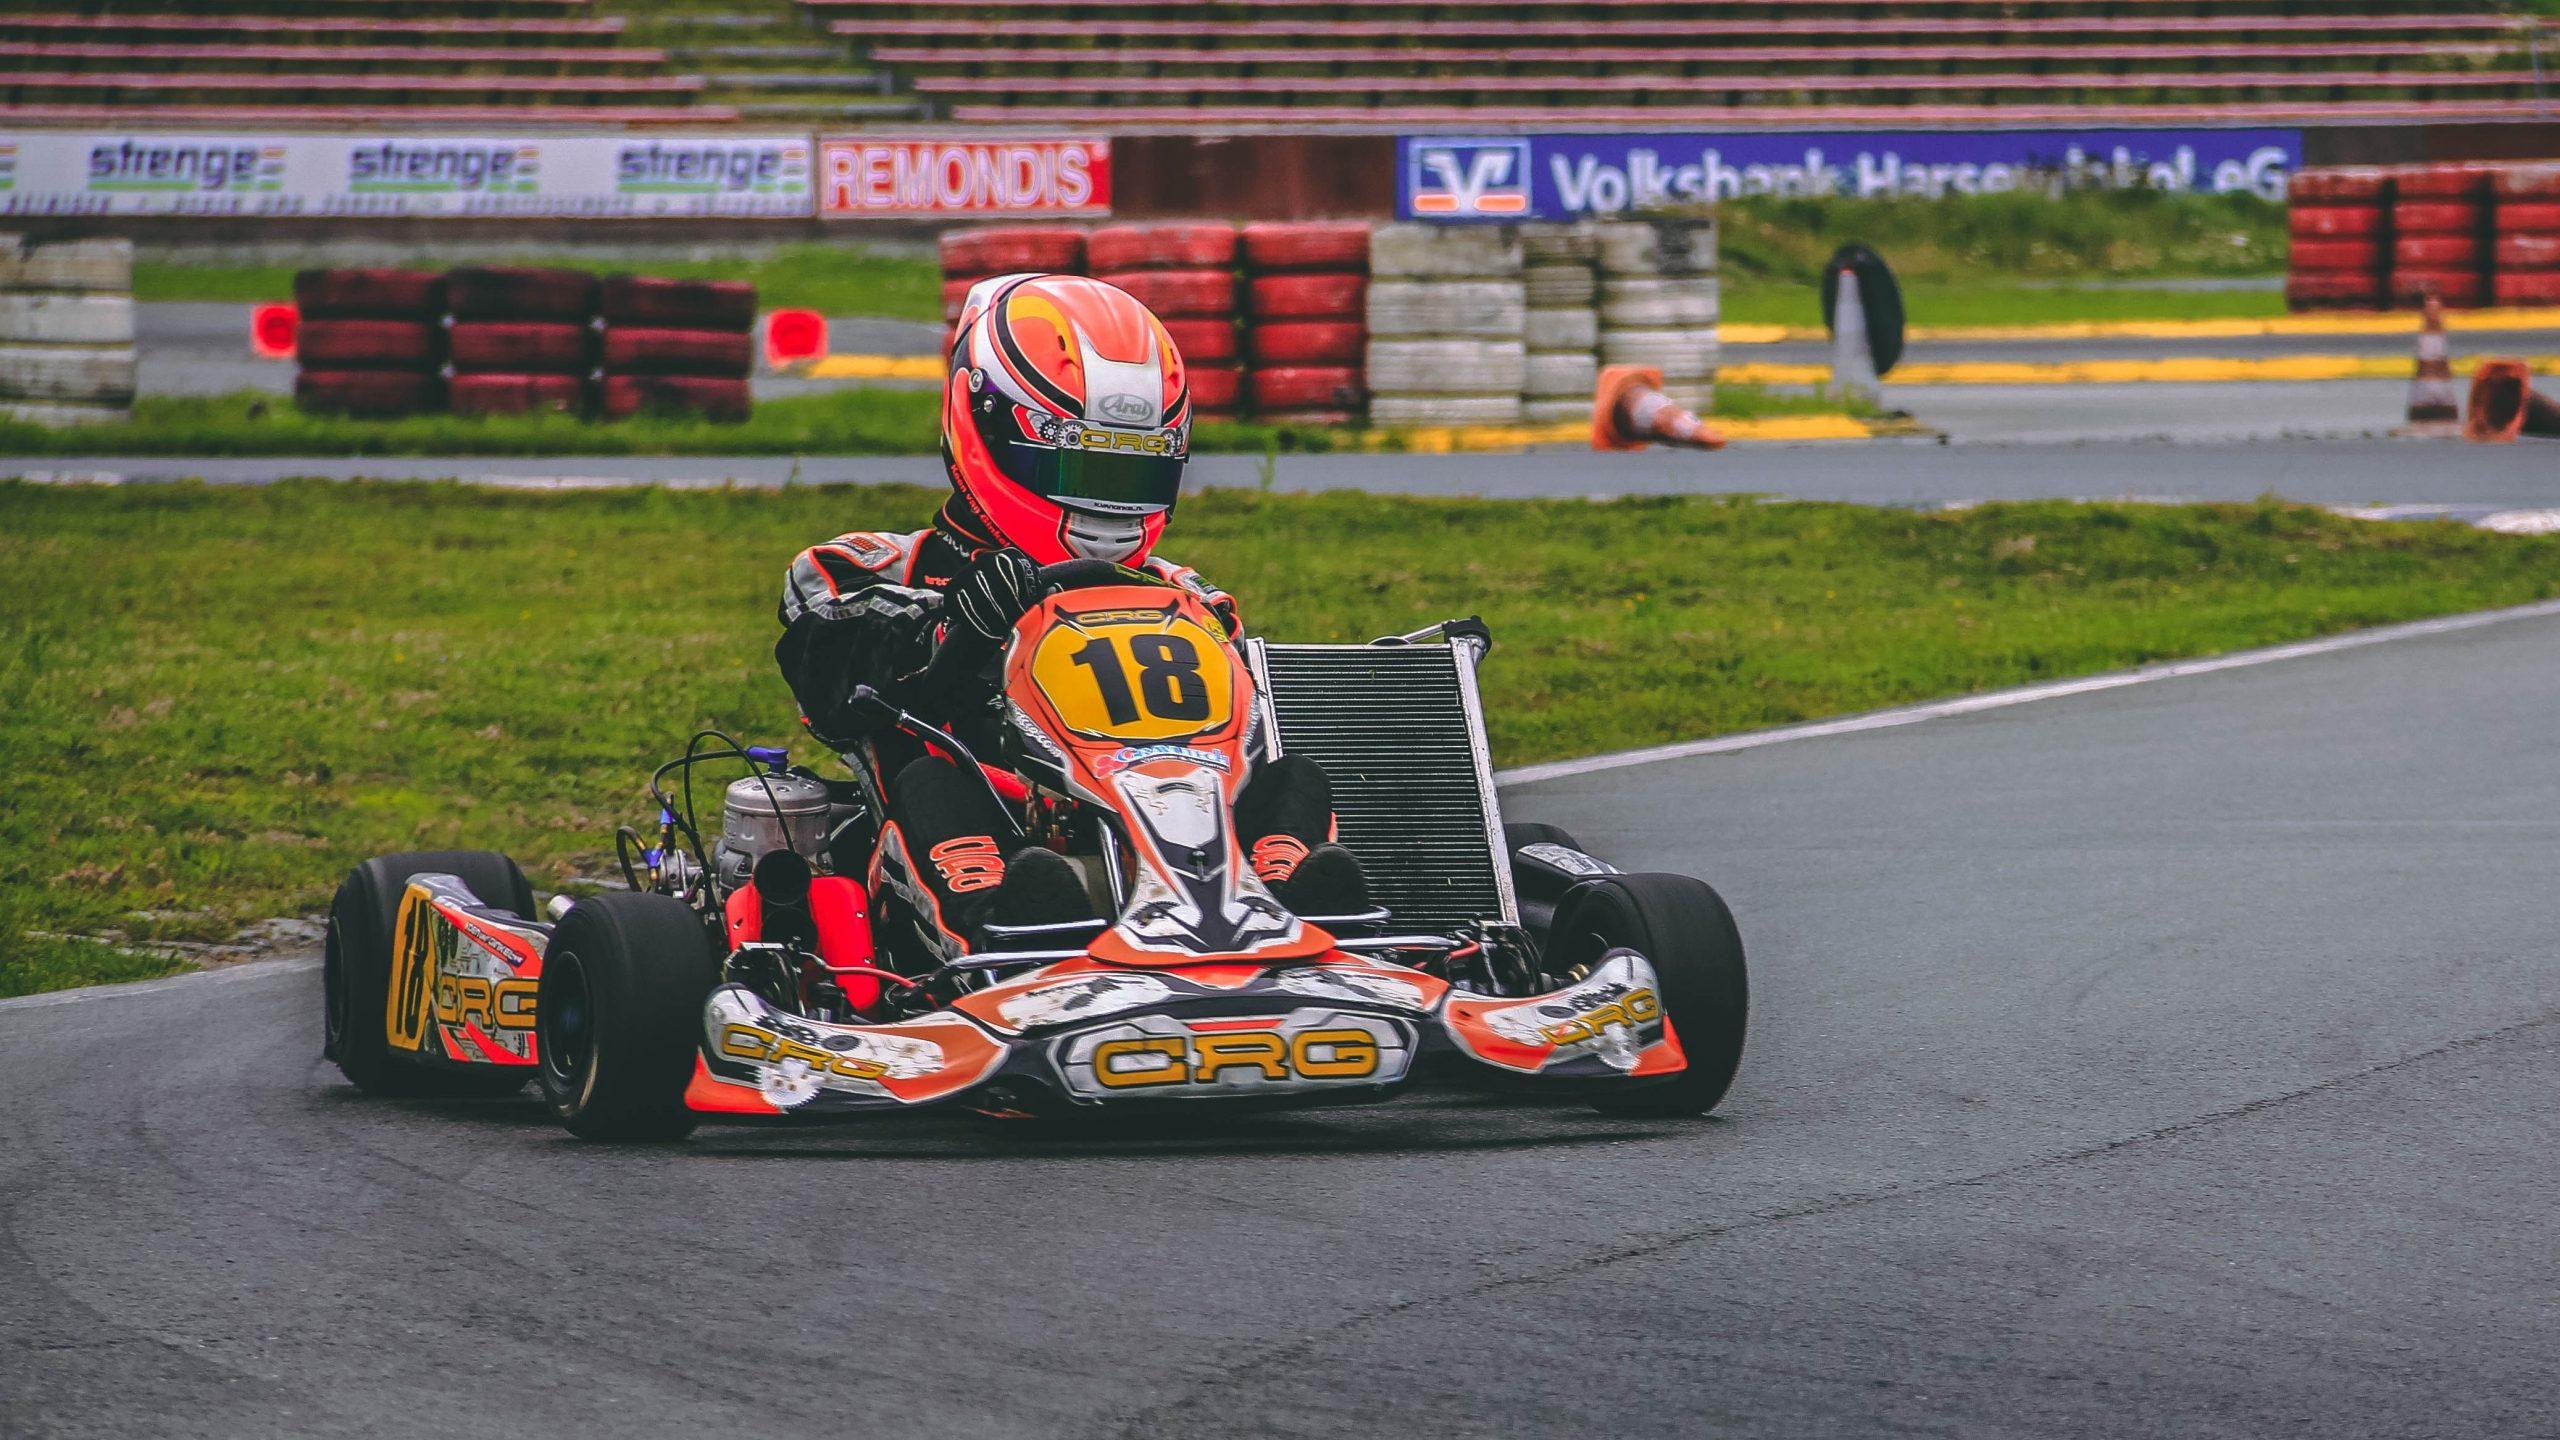 CRG kart outdoor